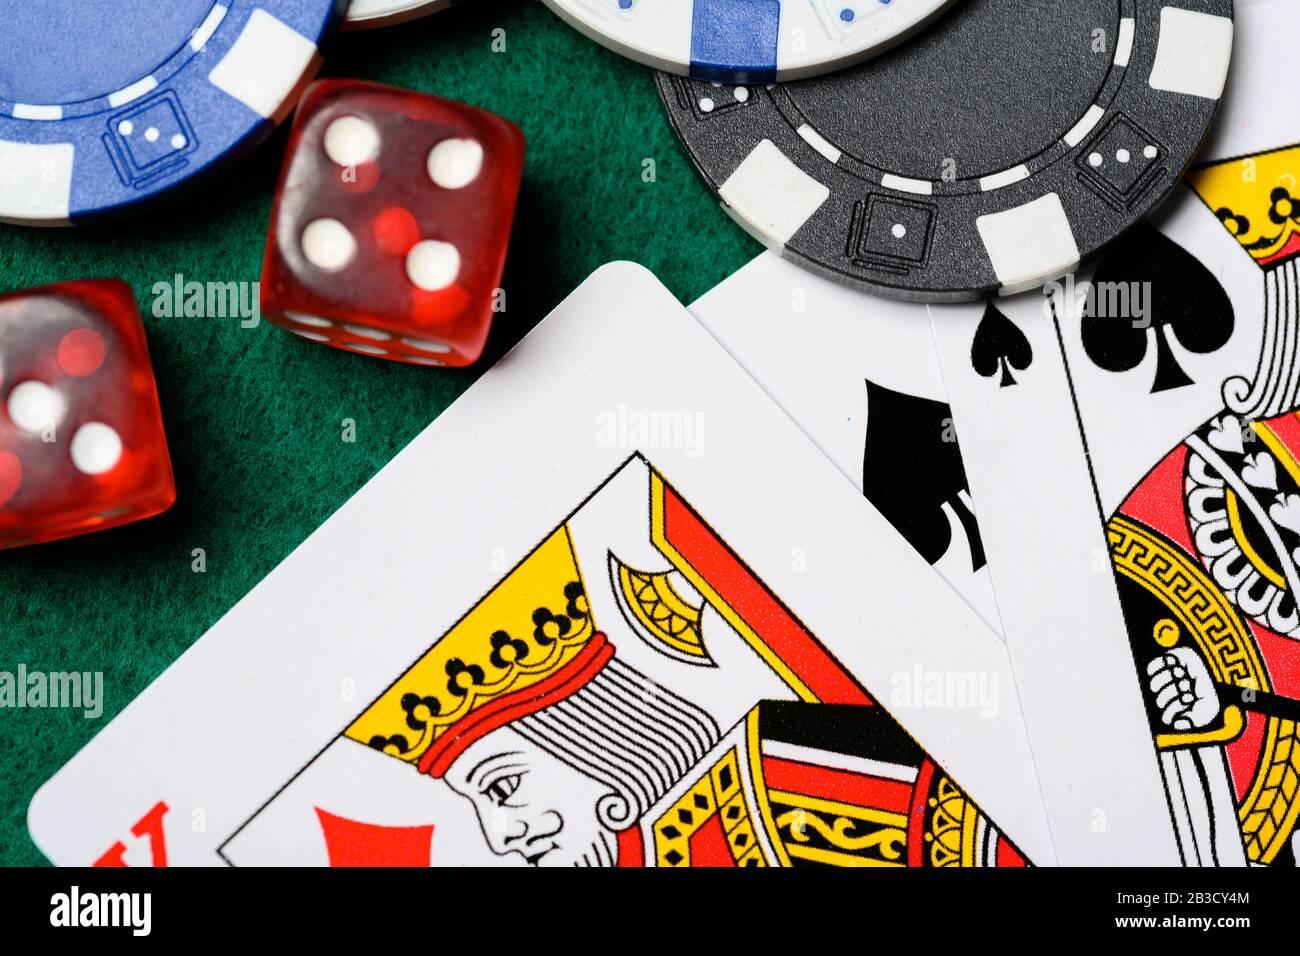 Jetons de poker, cartes de jeu et dés sur un backgrorund vert. Jeu Banque D'Images